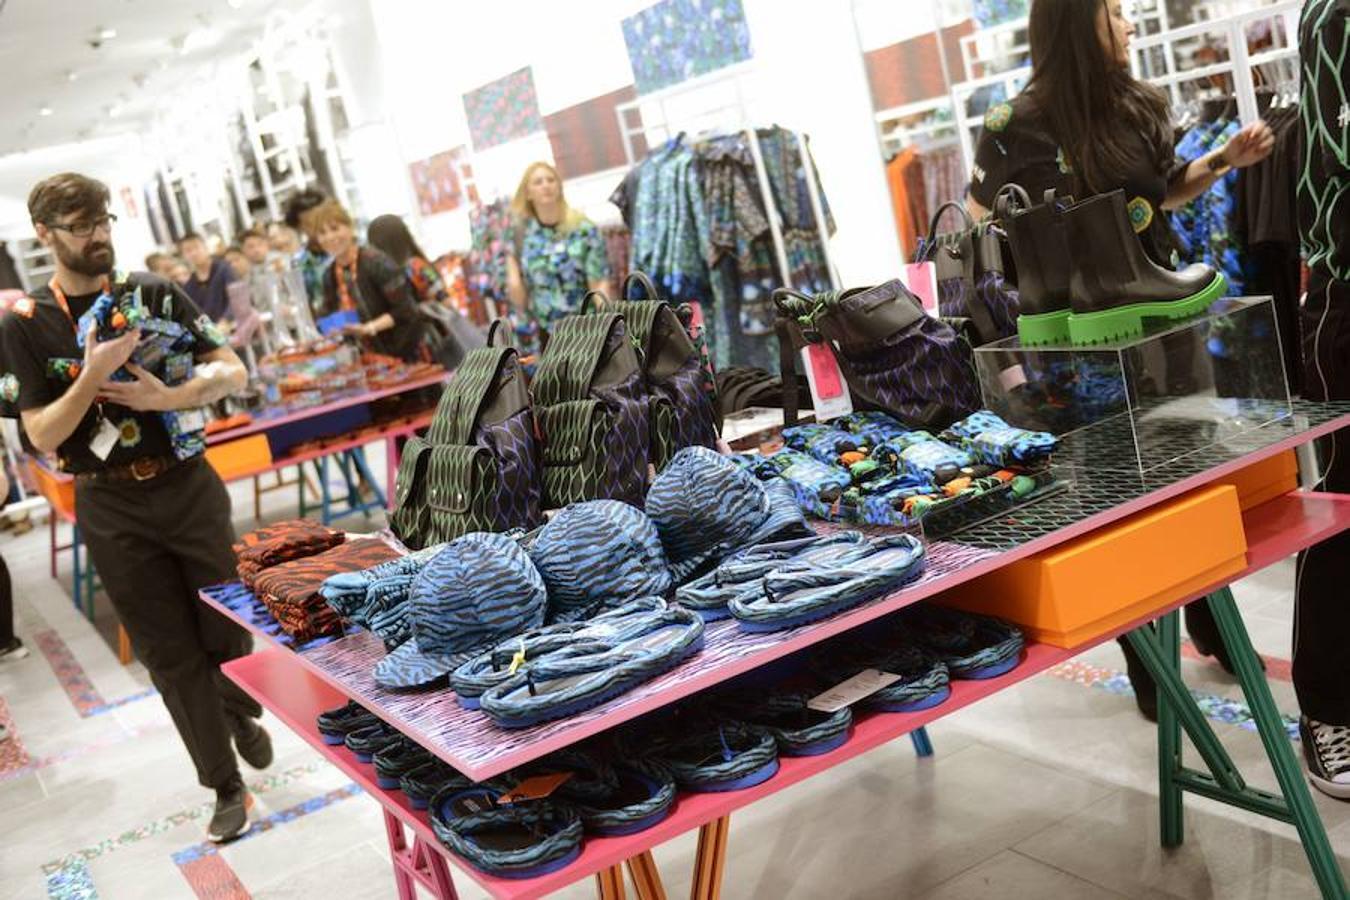 La colección de Kenzo para H&M salió ayer a la venta en 64 países, en España en 5 ciudades (Madrid, Barcelona, Bilbao, Marbella y Palma de Mallorca)